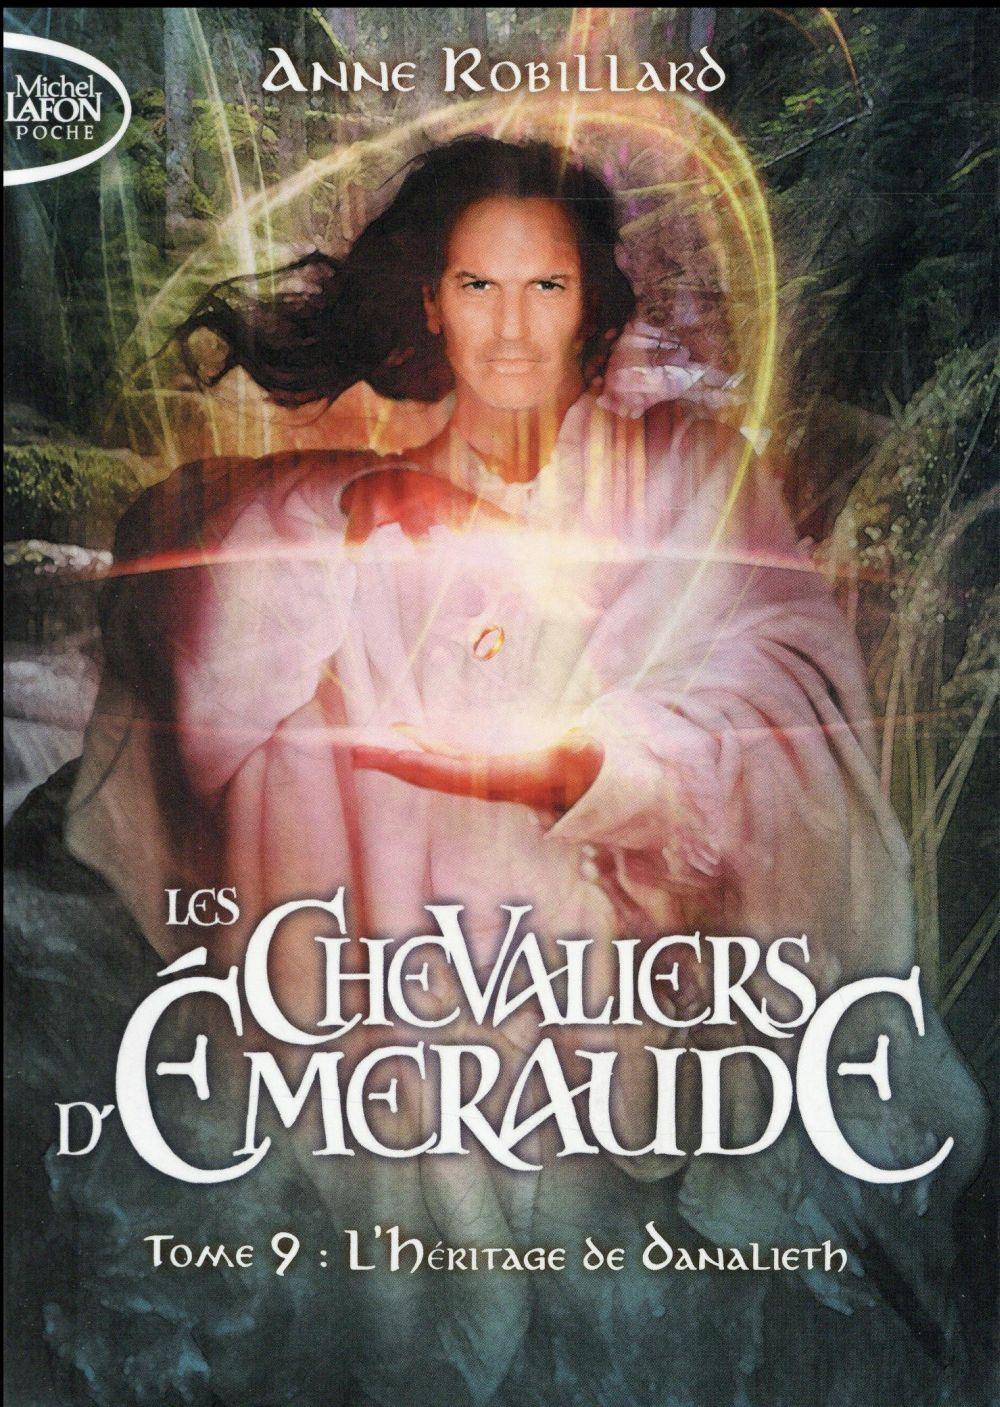 LES CHEVALIERS D'EMERAUDE - TOME 9 L'HERITAGE DU DANALIETH